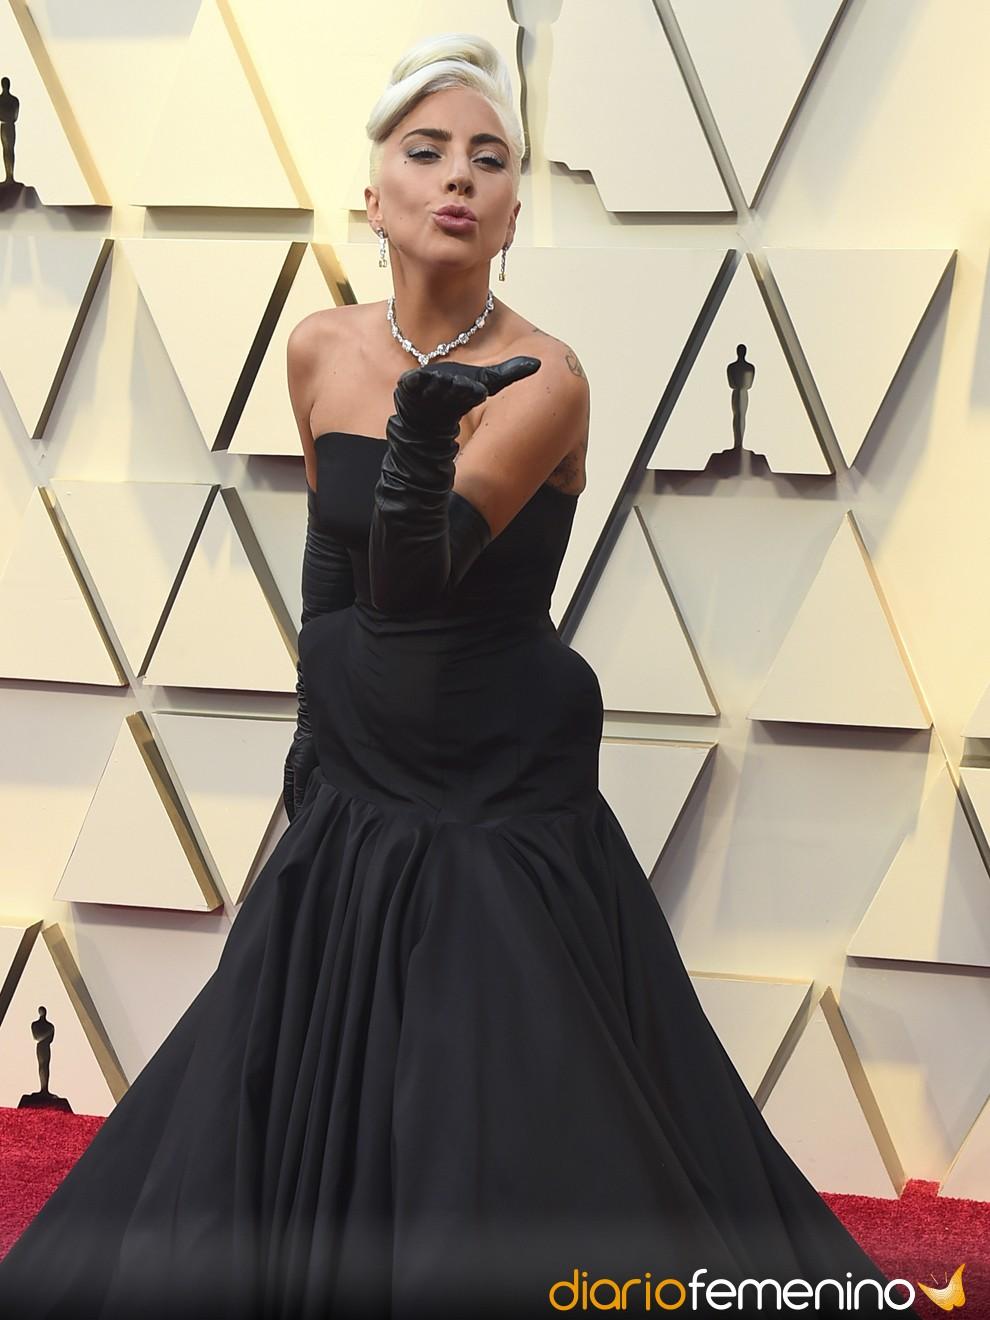 476562004 10 maneras de combinar tu vestido negro